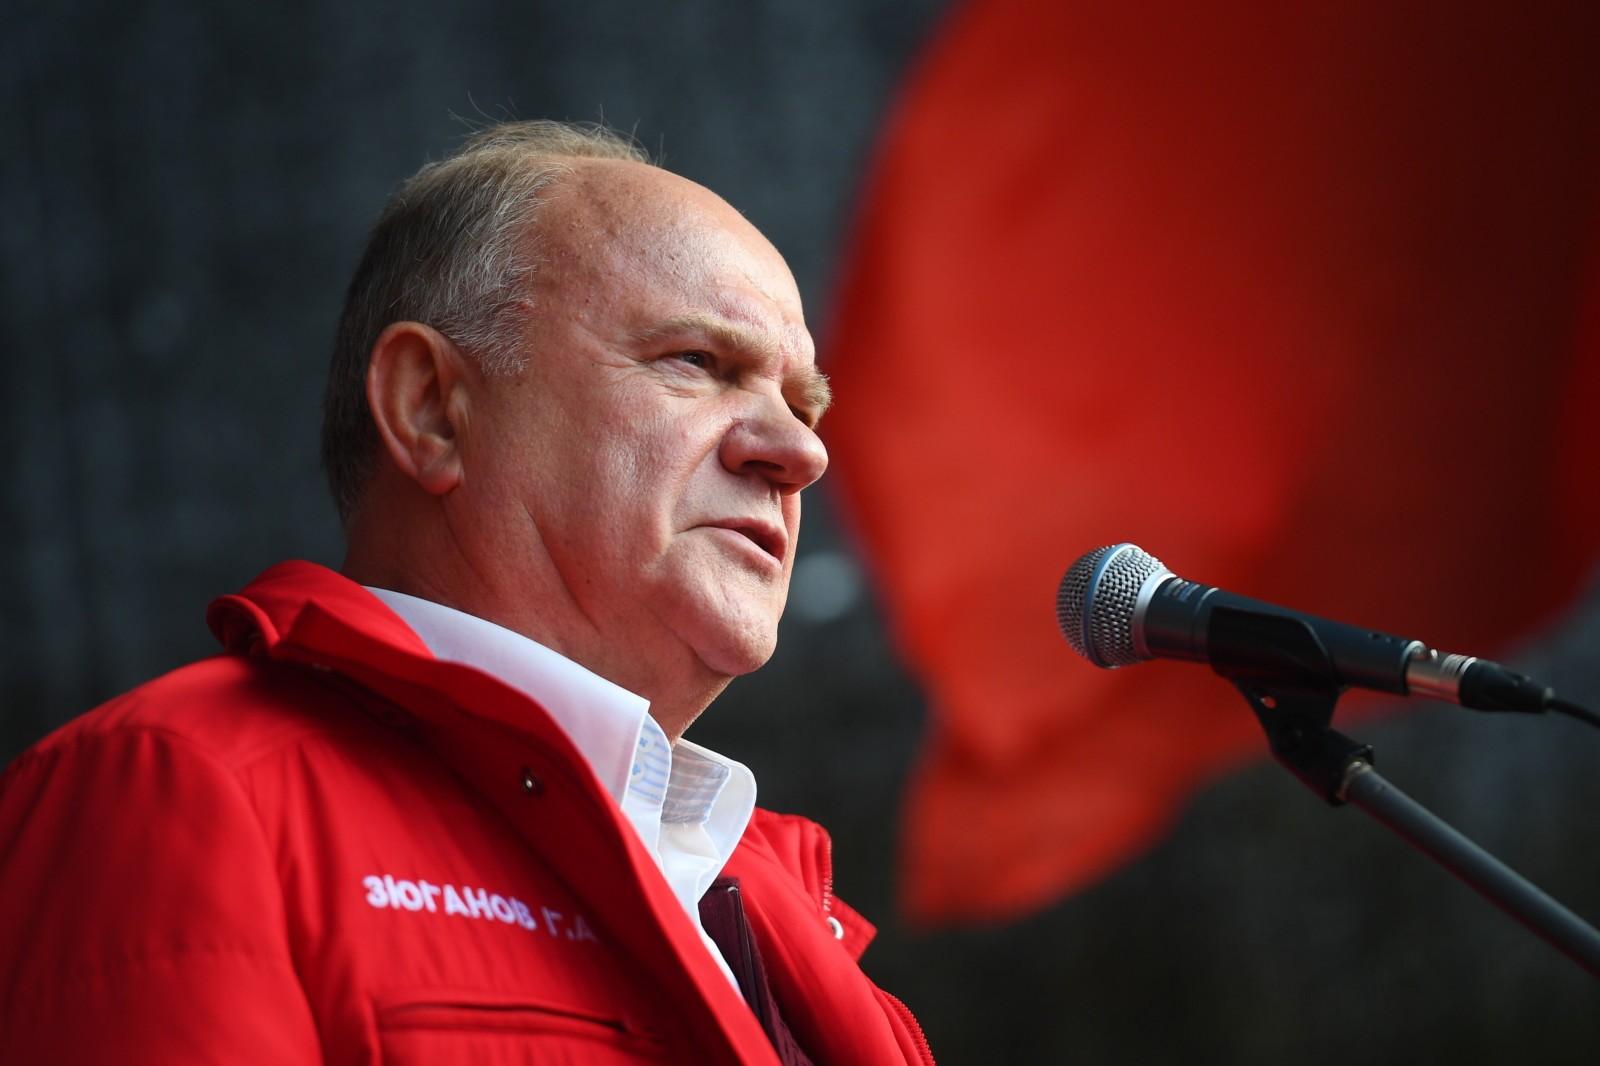 Лидер партии КПРФ Геннадий Зюганов. Рамиль Ситдиков / РИА Новости